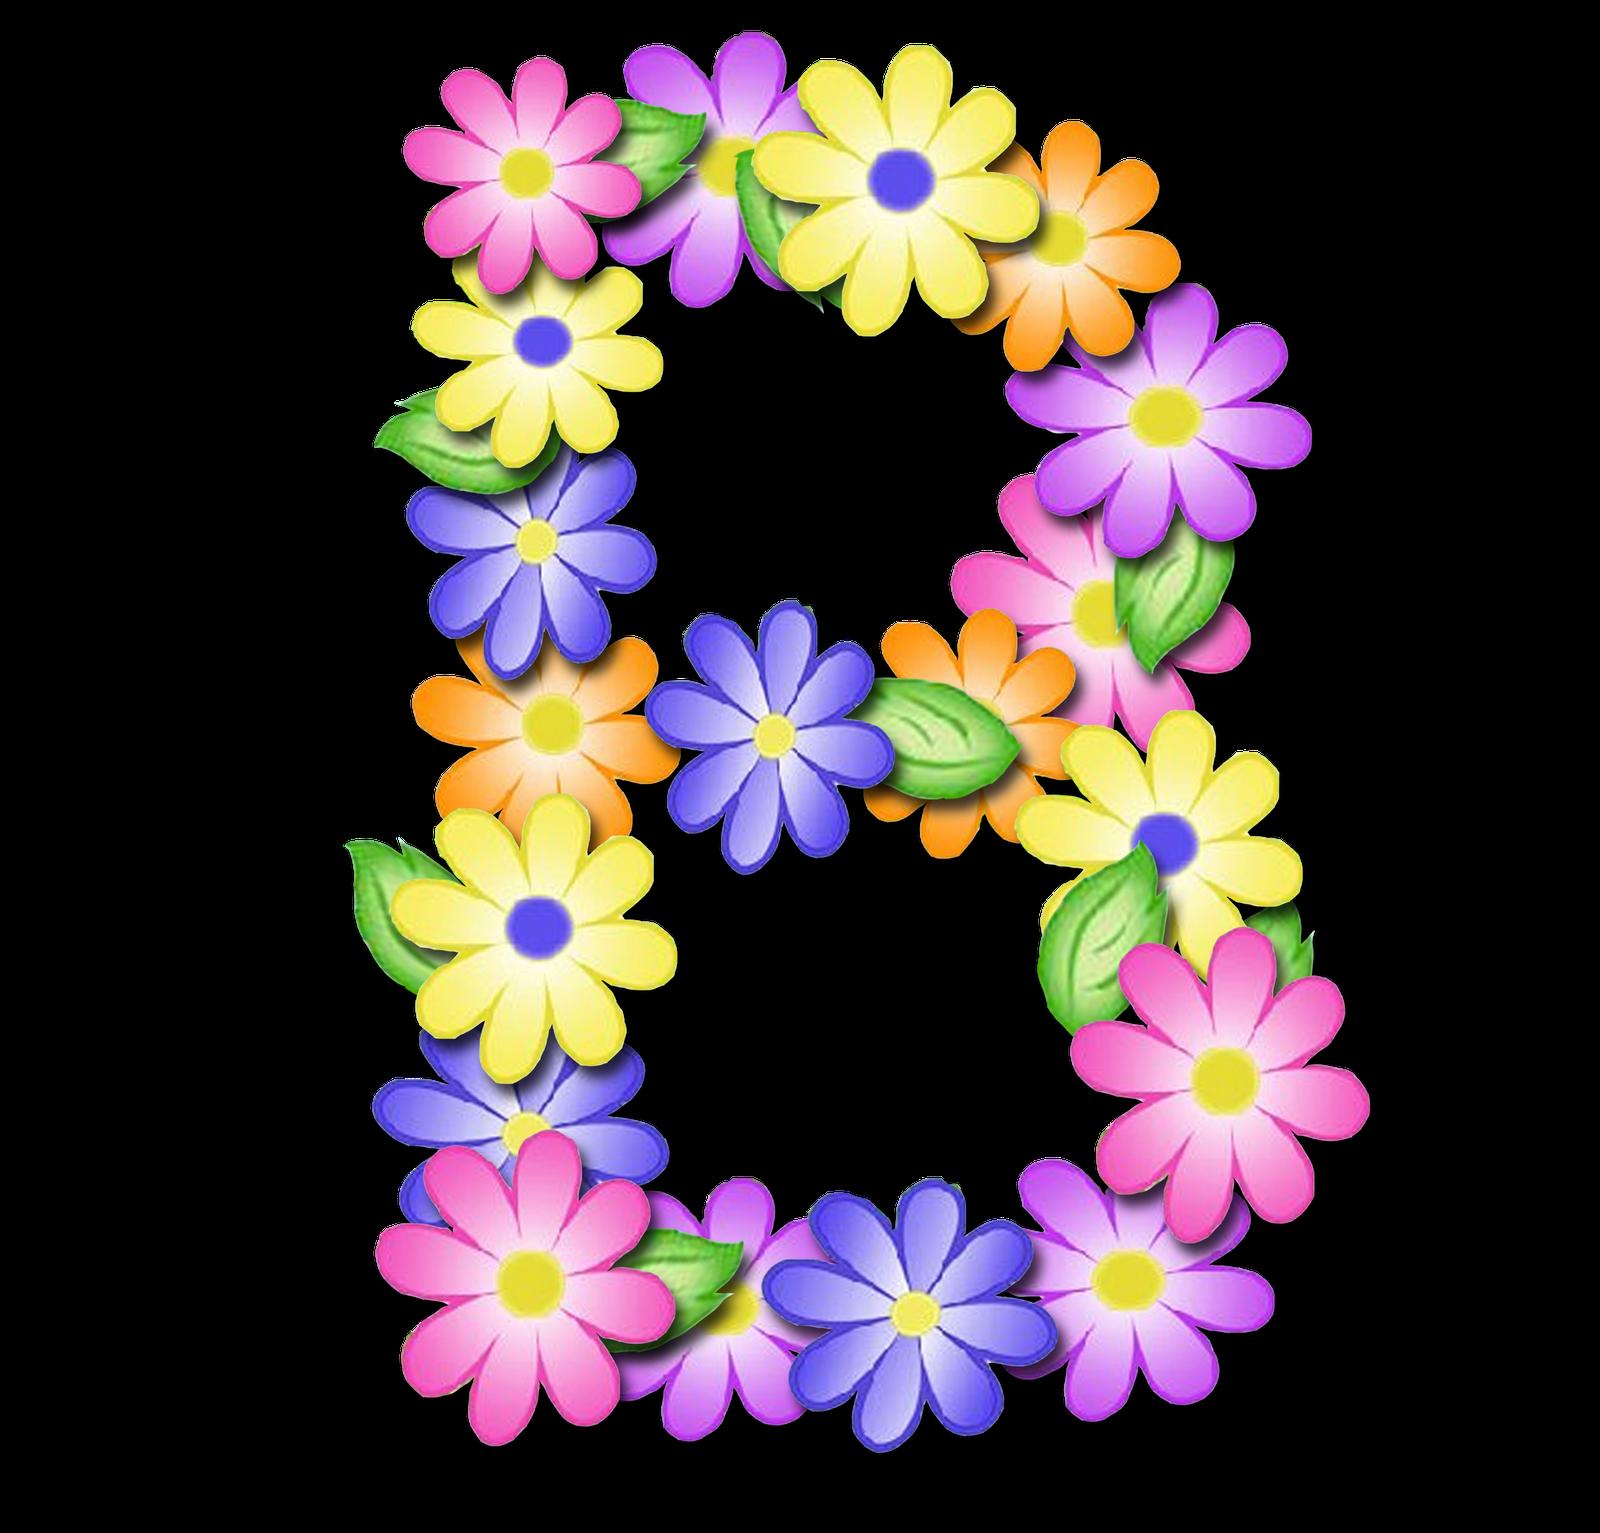 Alfabeto de primavera letras. Floral clipart pastel